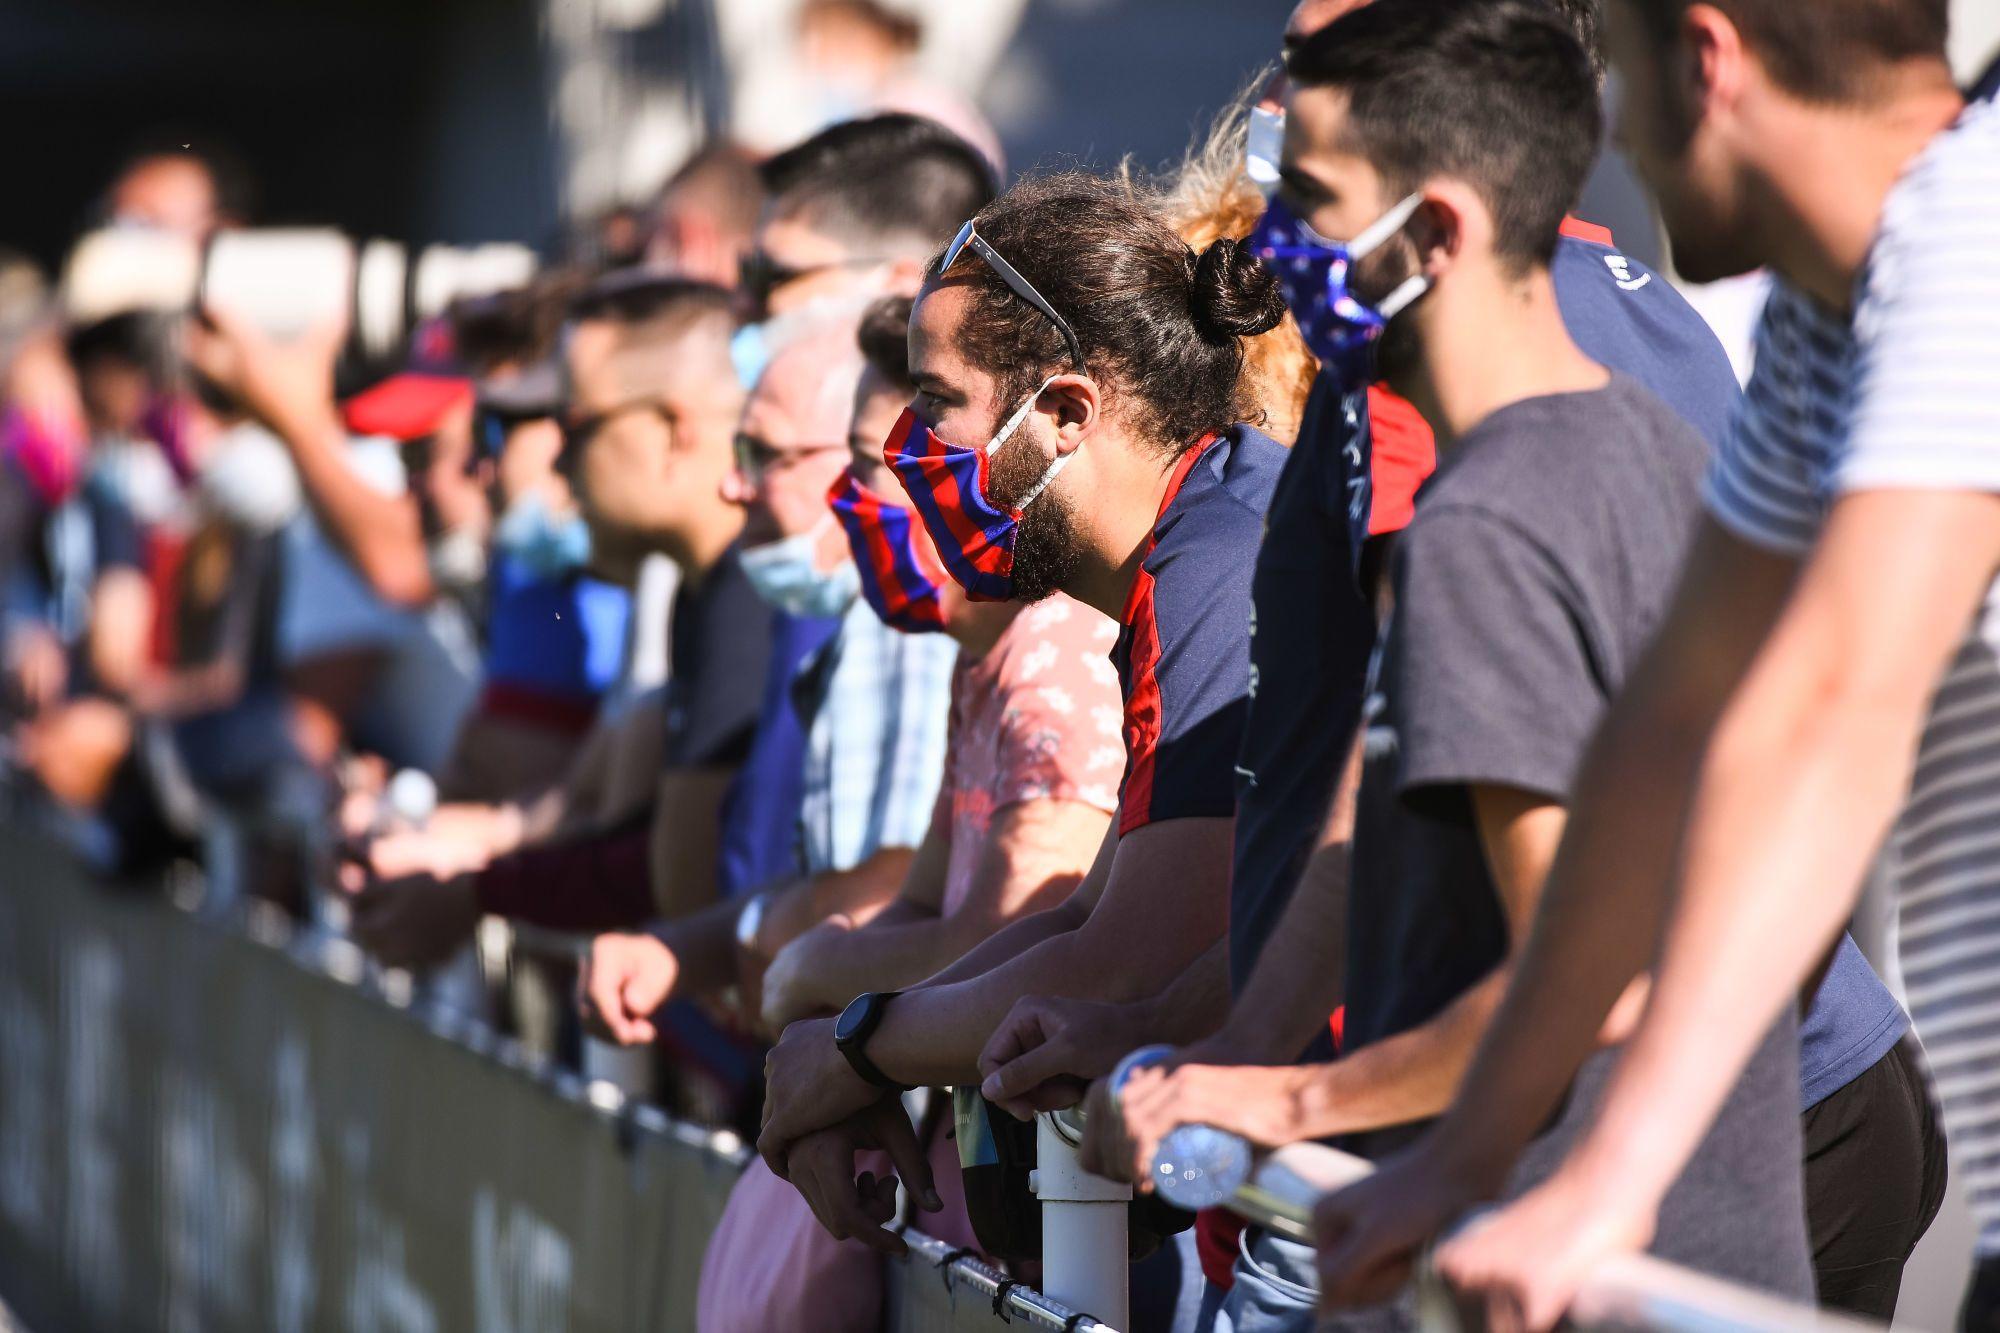 La FFF suspend plusieurs championnats amateurs pour un mois